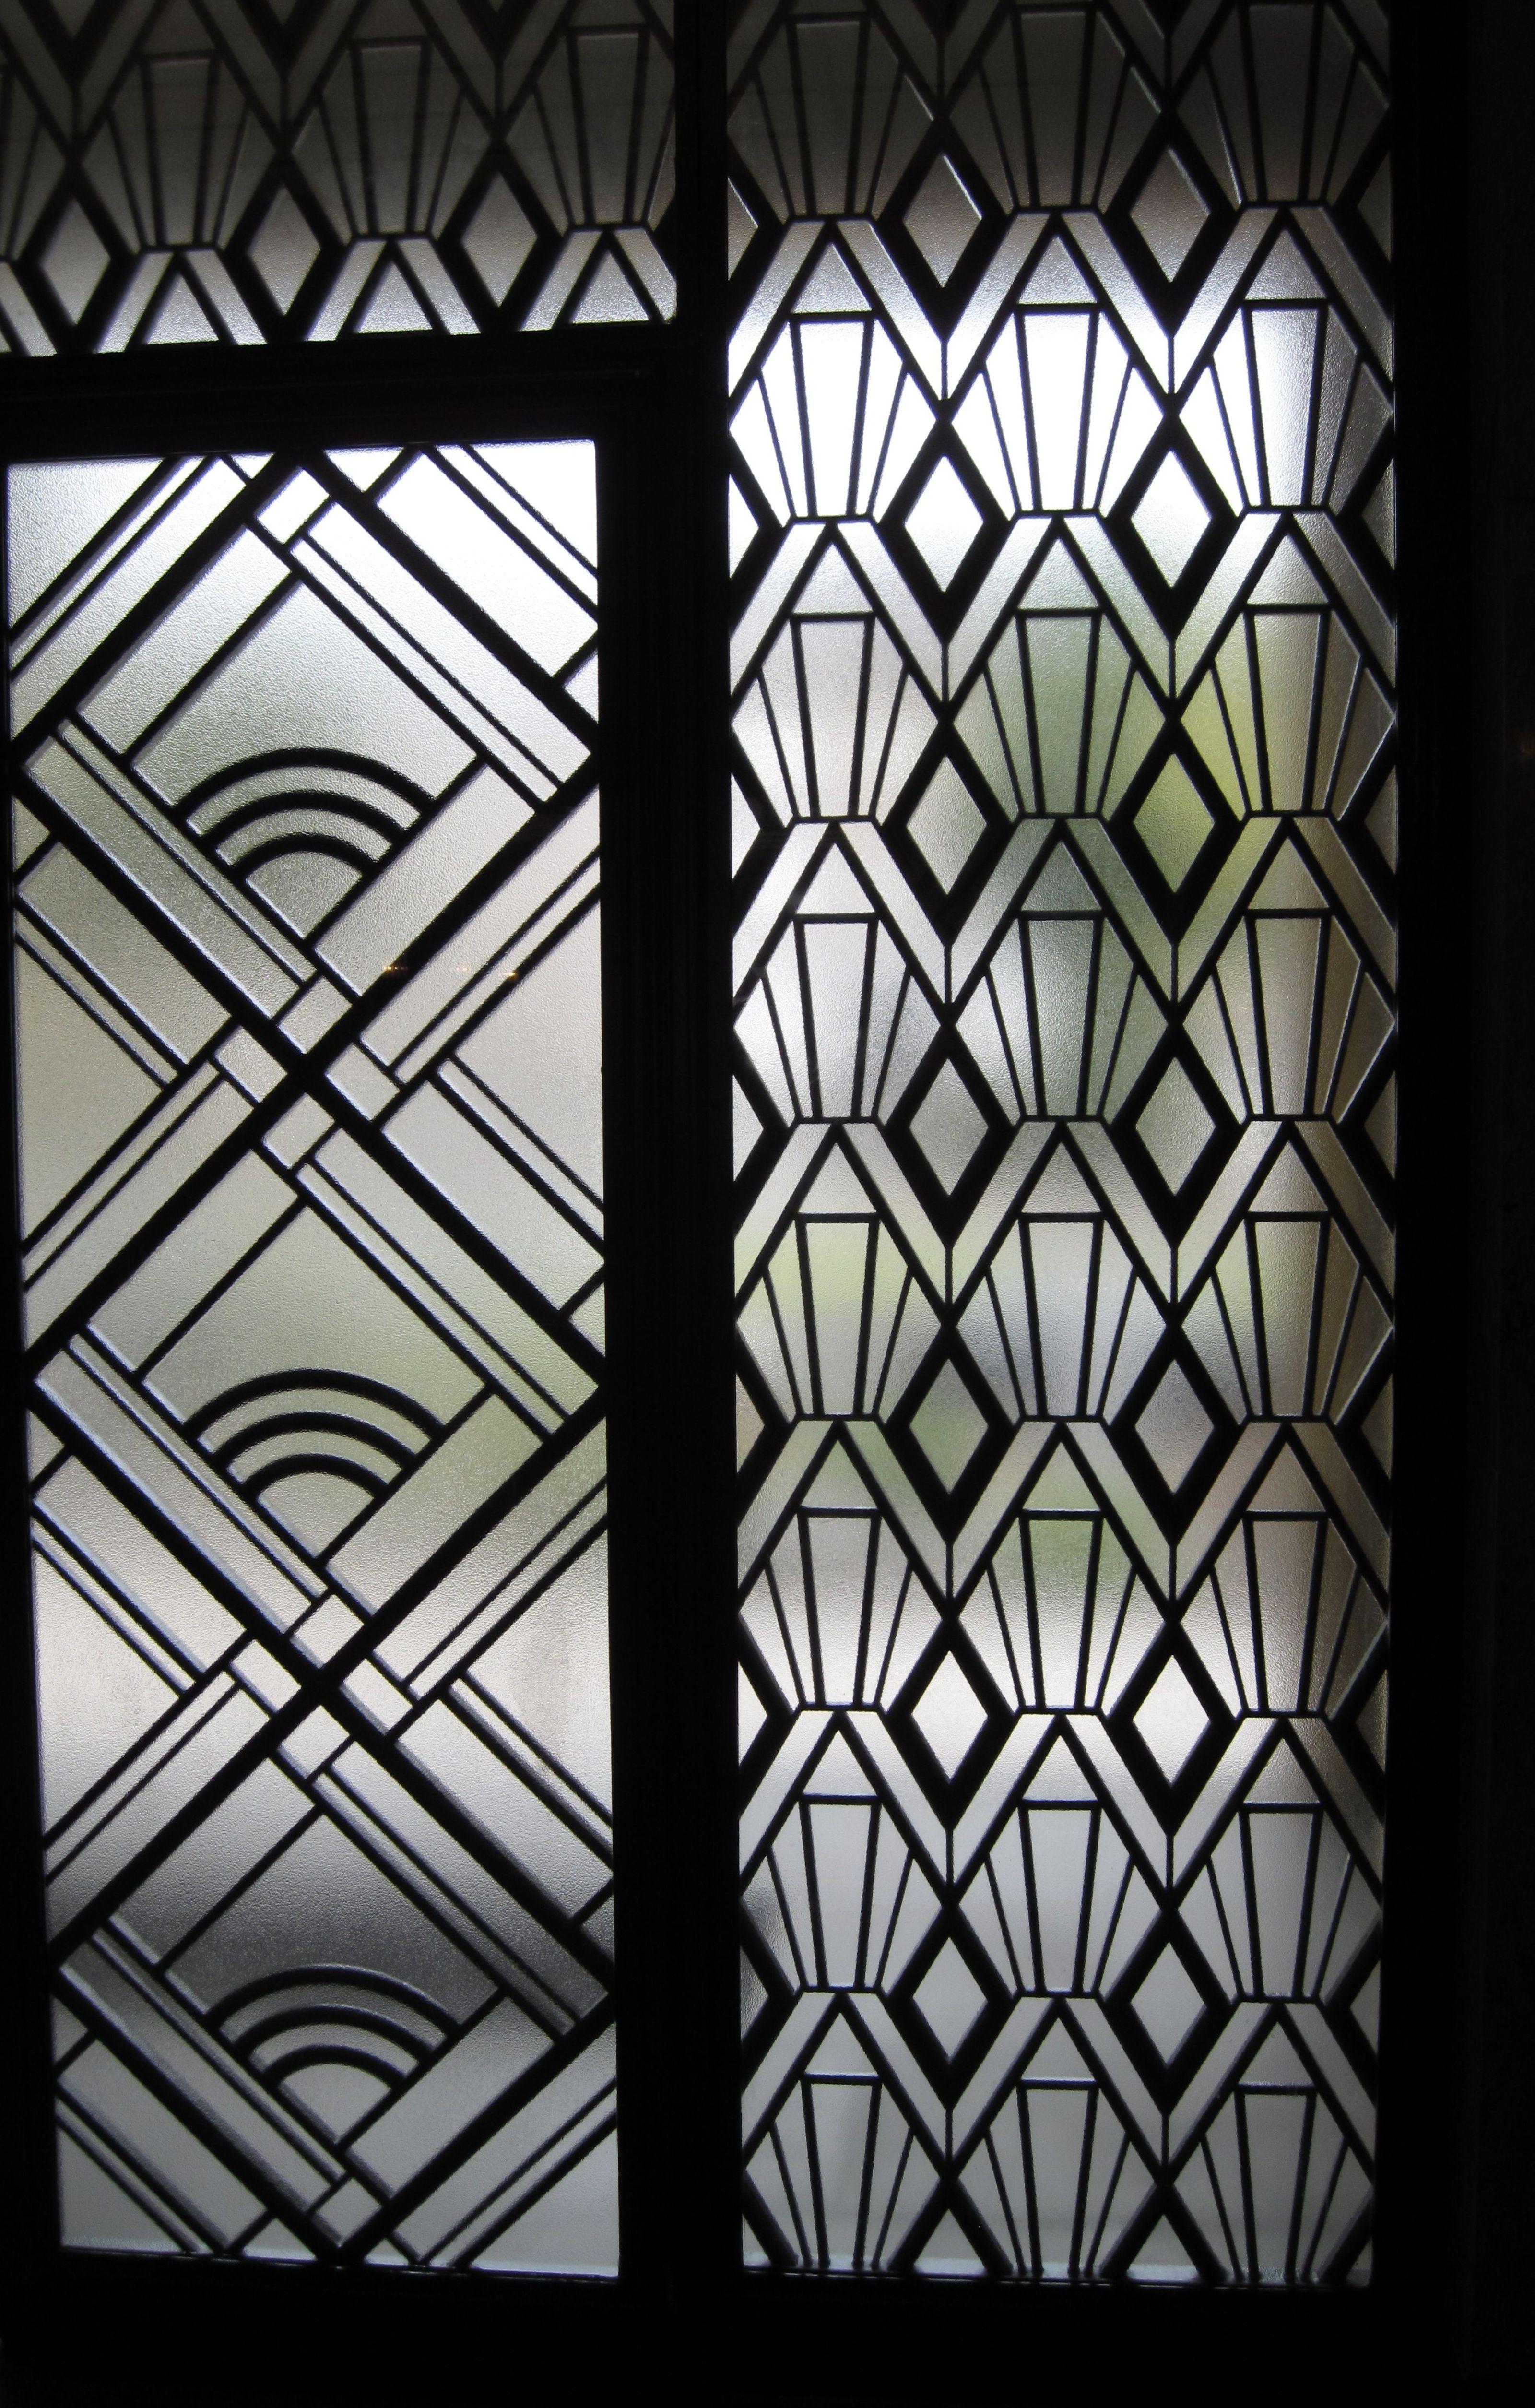 Villa empain porte d 39 entr e flickr photo sharing - Deco porte entree ...